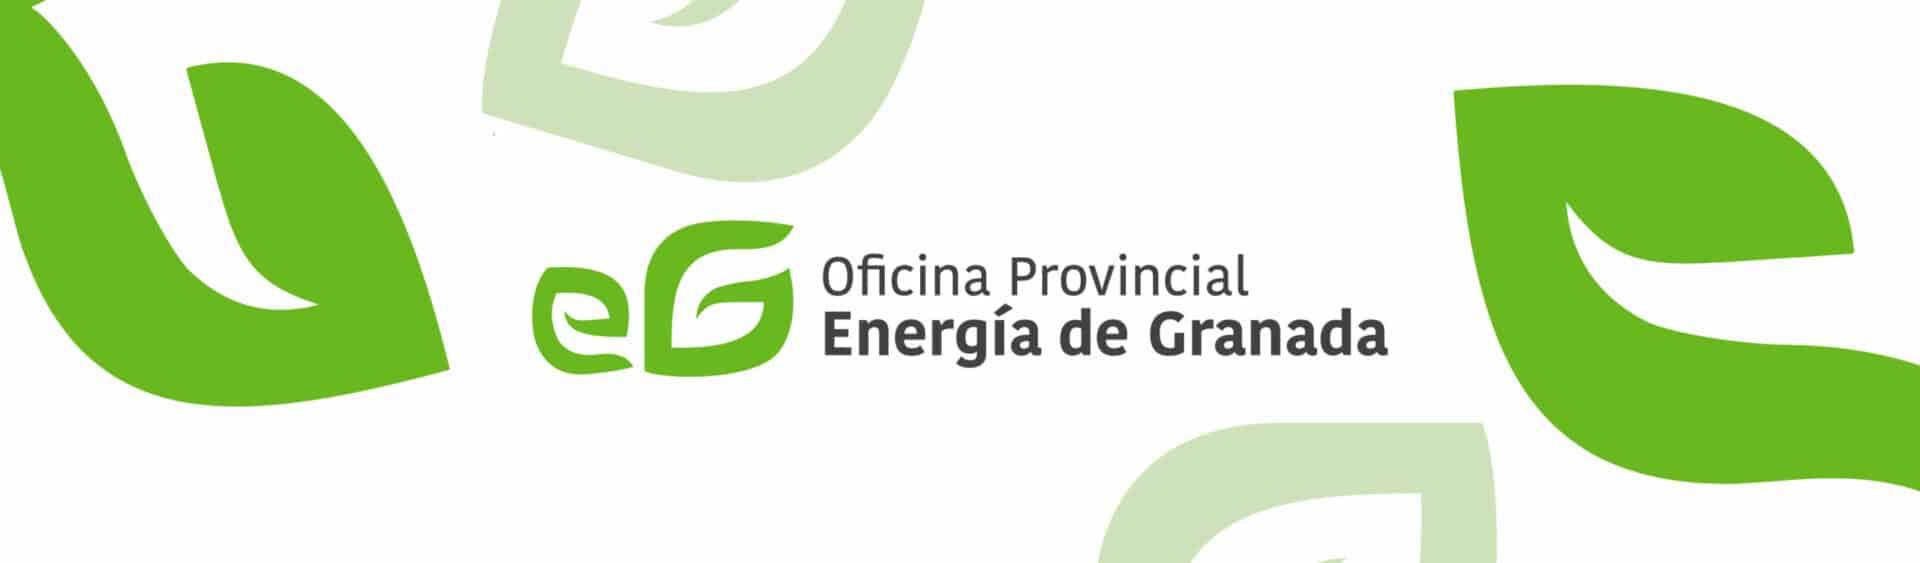 Cabecera Proyecto Identidad Granada Energía